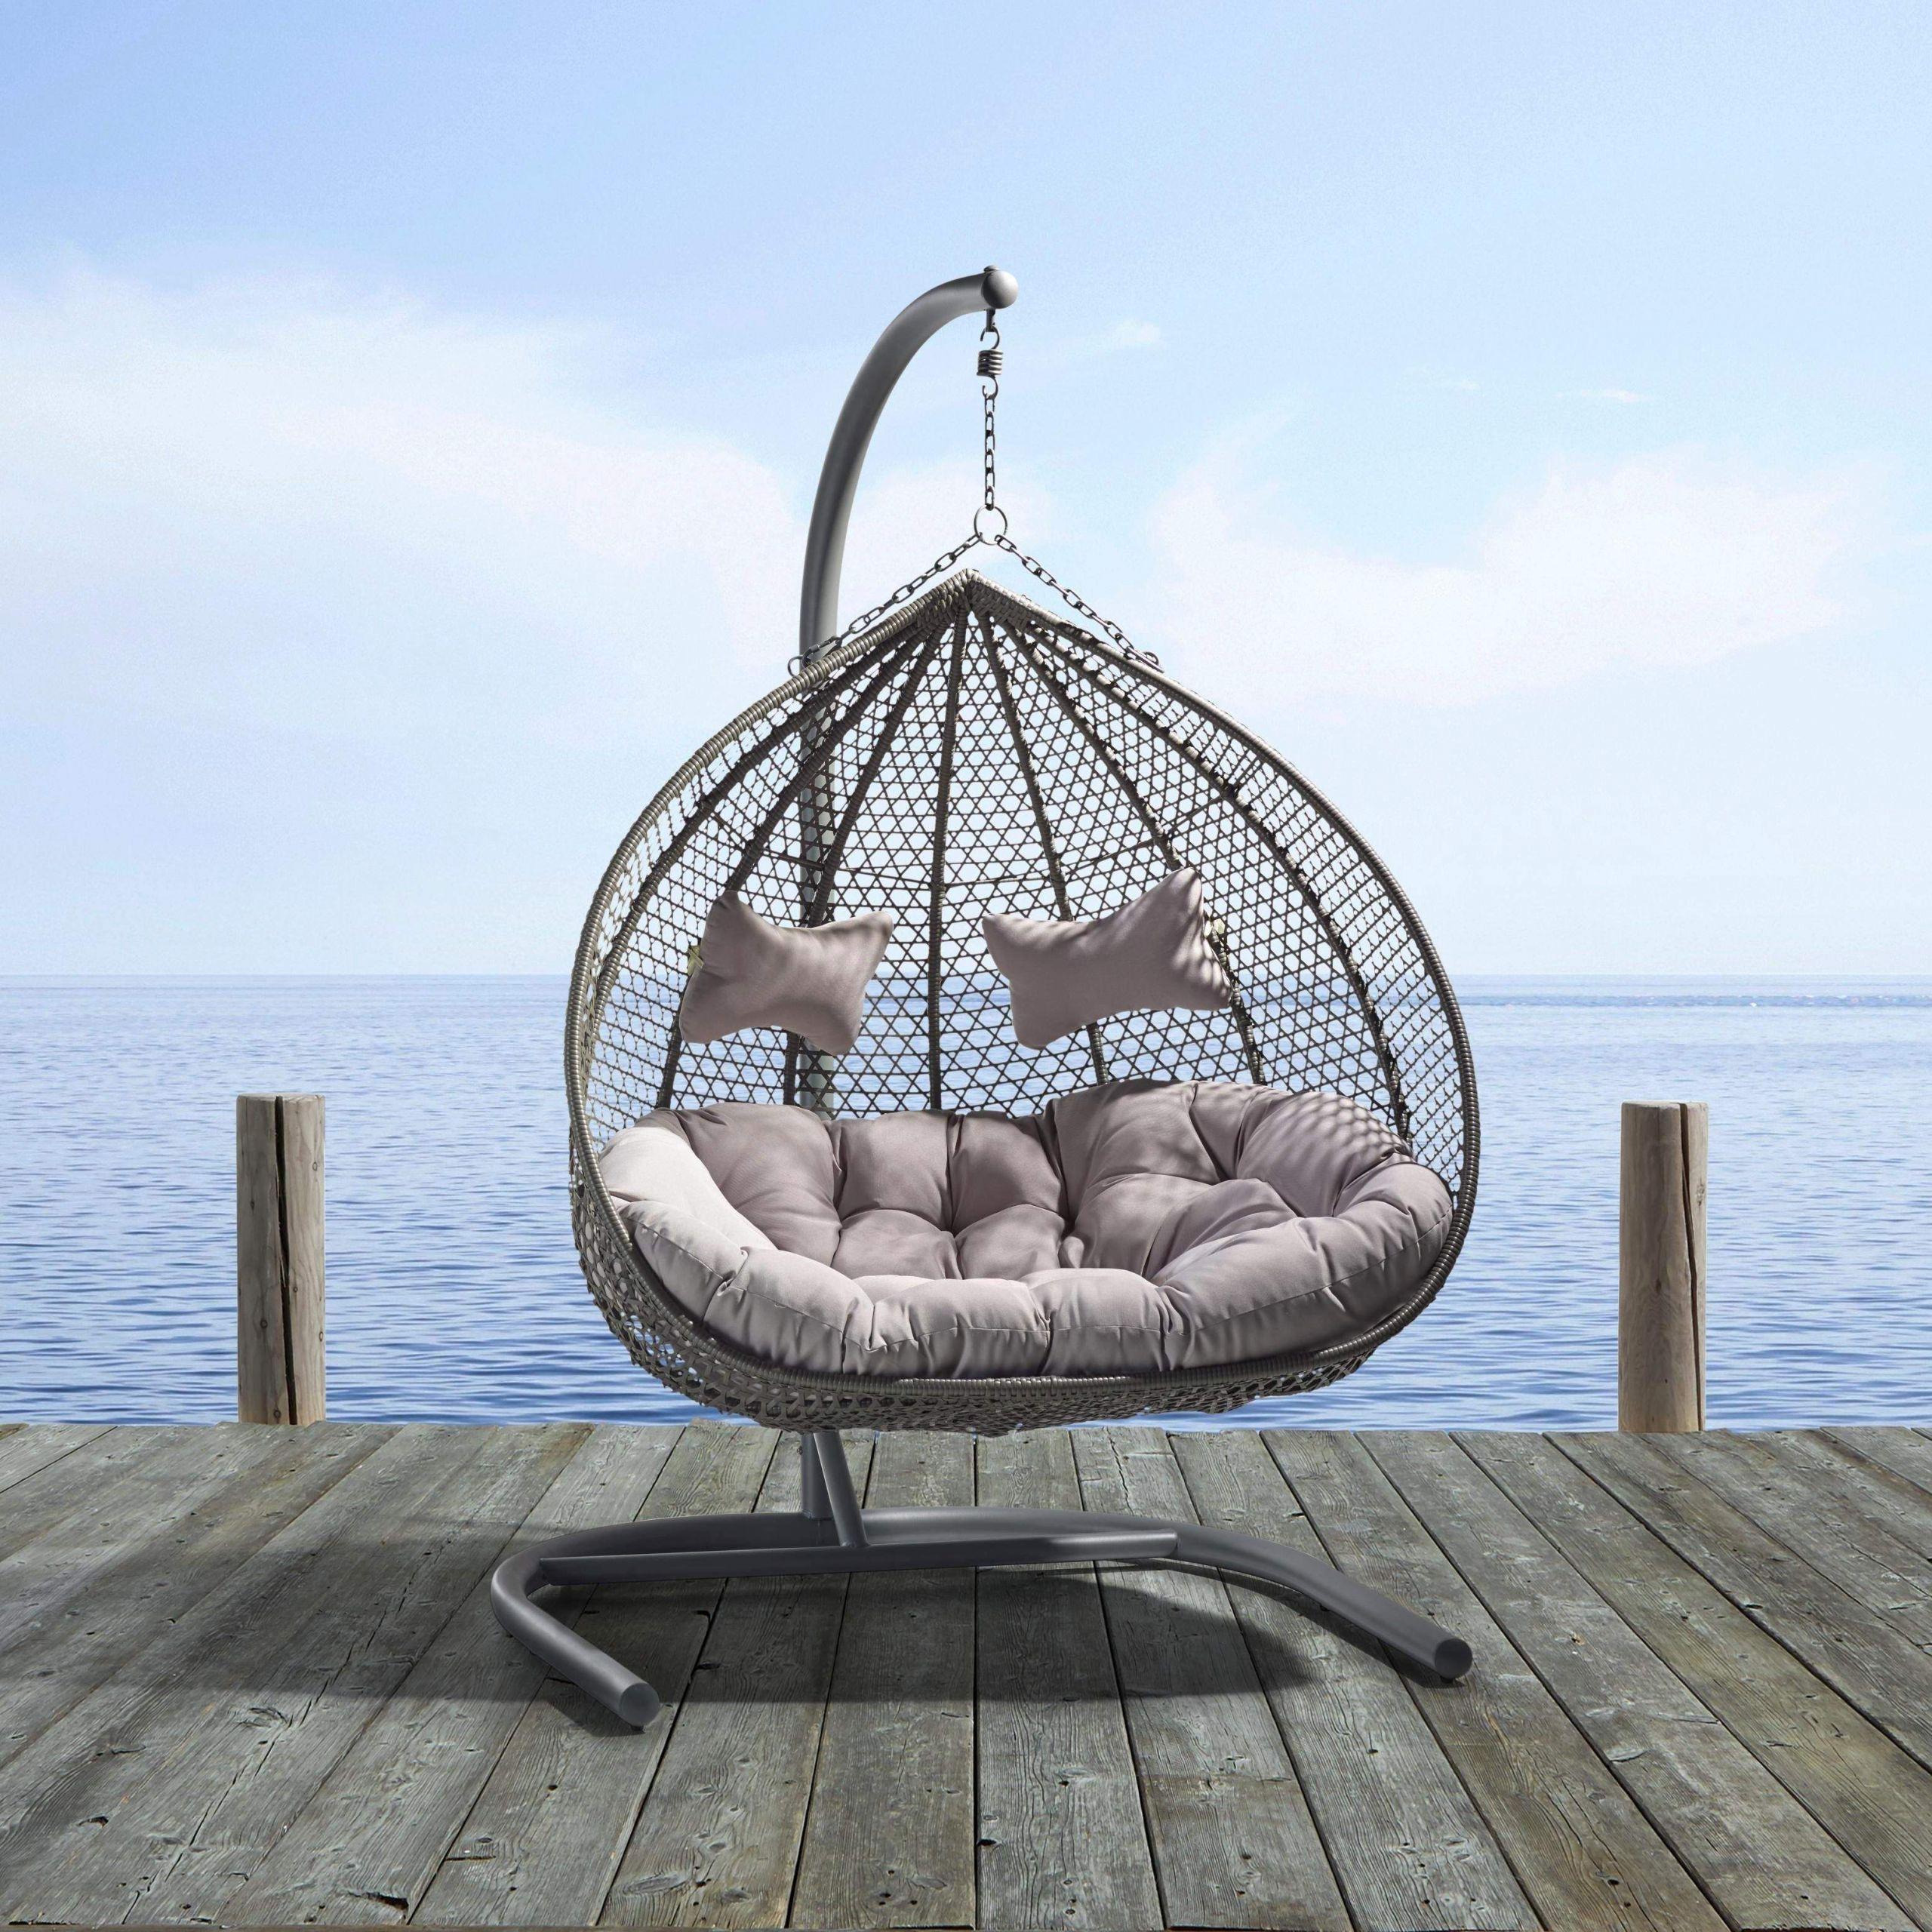 schaukelstuhl garten genial ser artikel ist nur online erhaltlich div relaxen wie im of schaukelstuhl garten scaled